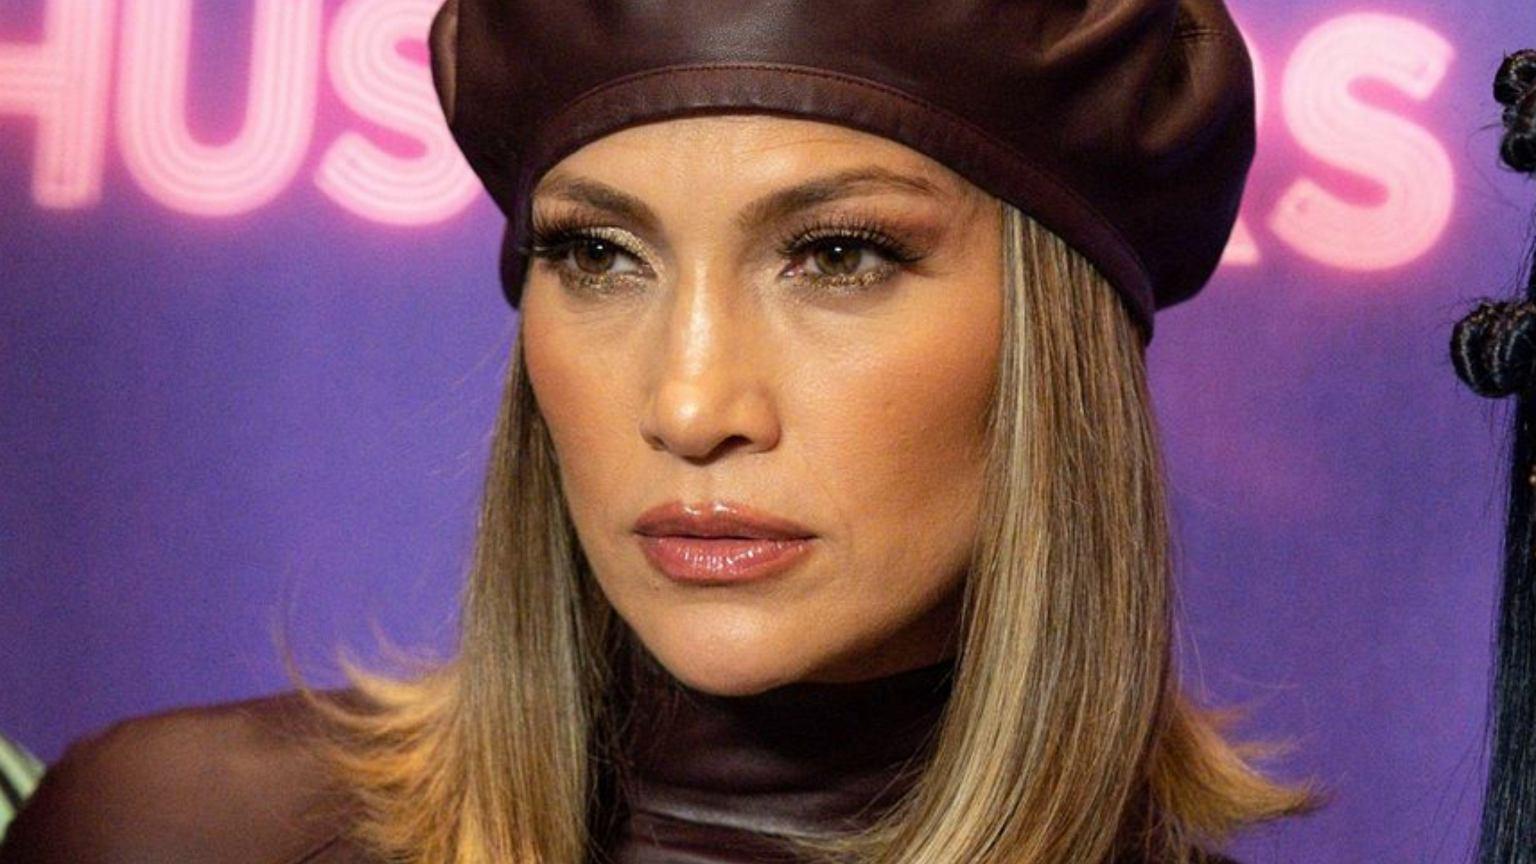 Nie żyje David Cruz, pierwsza miłość Jennifer Lopez. Mężczyzna zmarł w wieku 51 lat